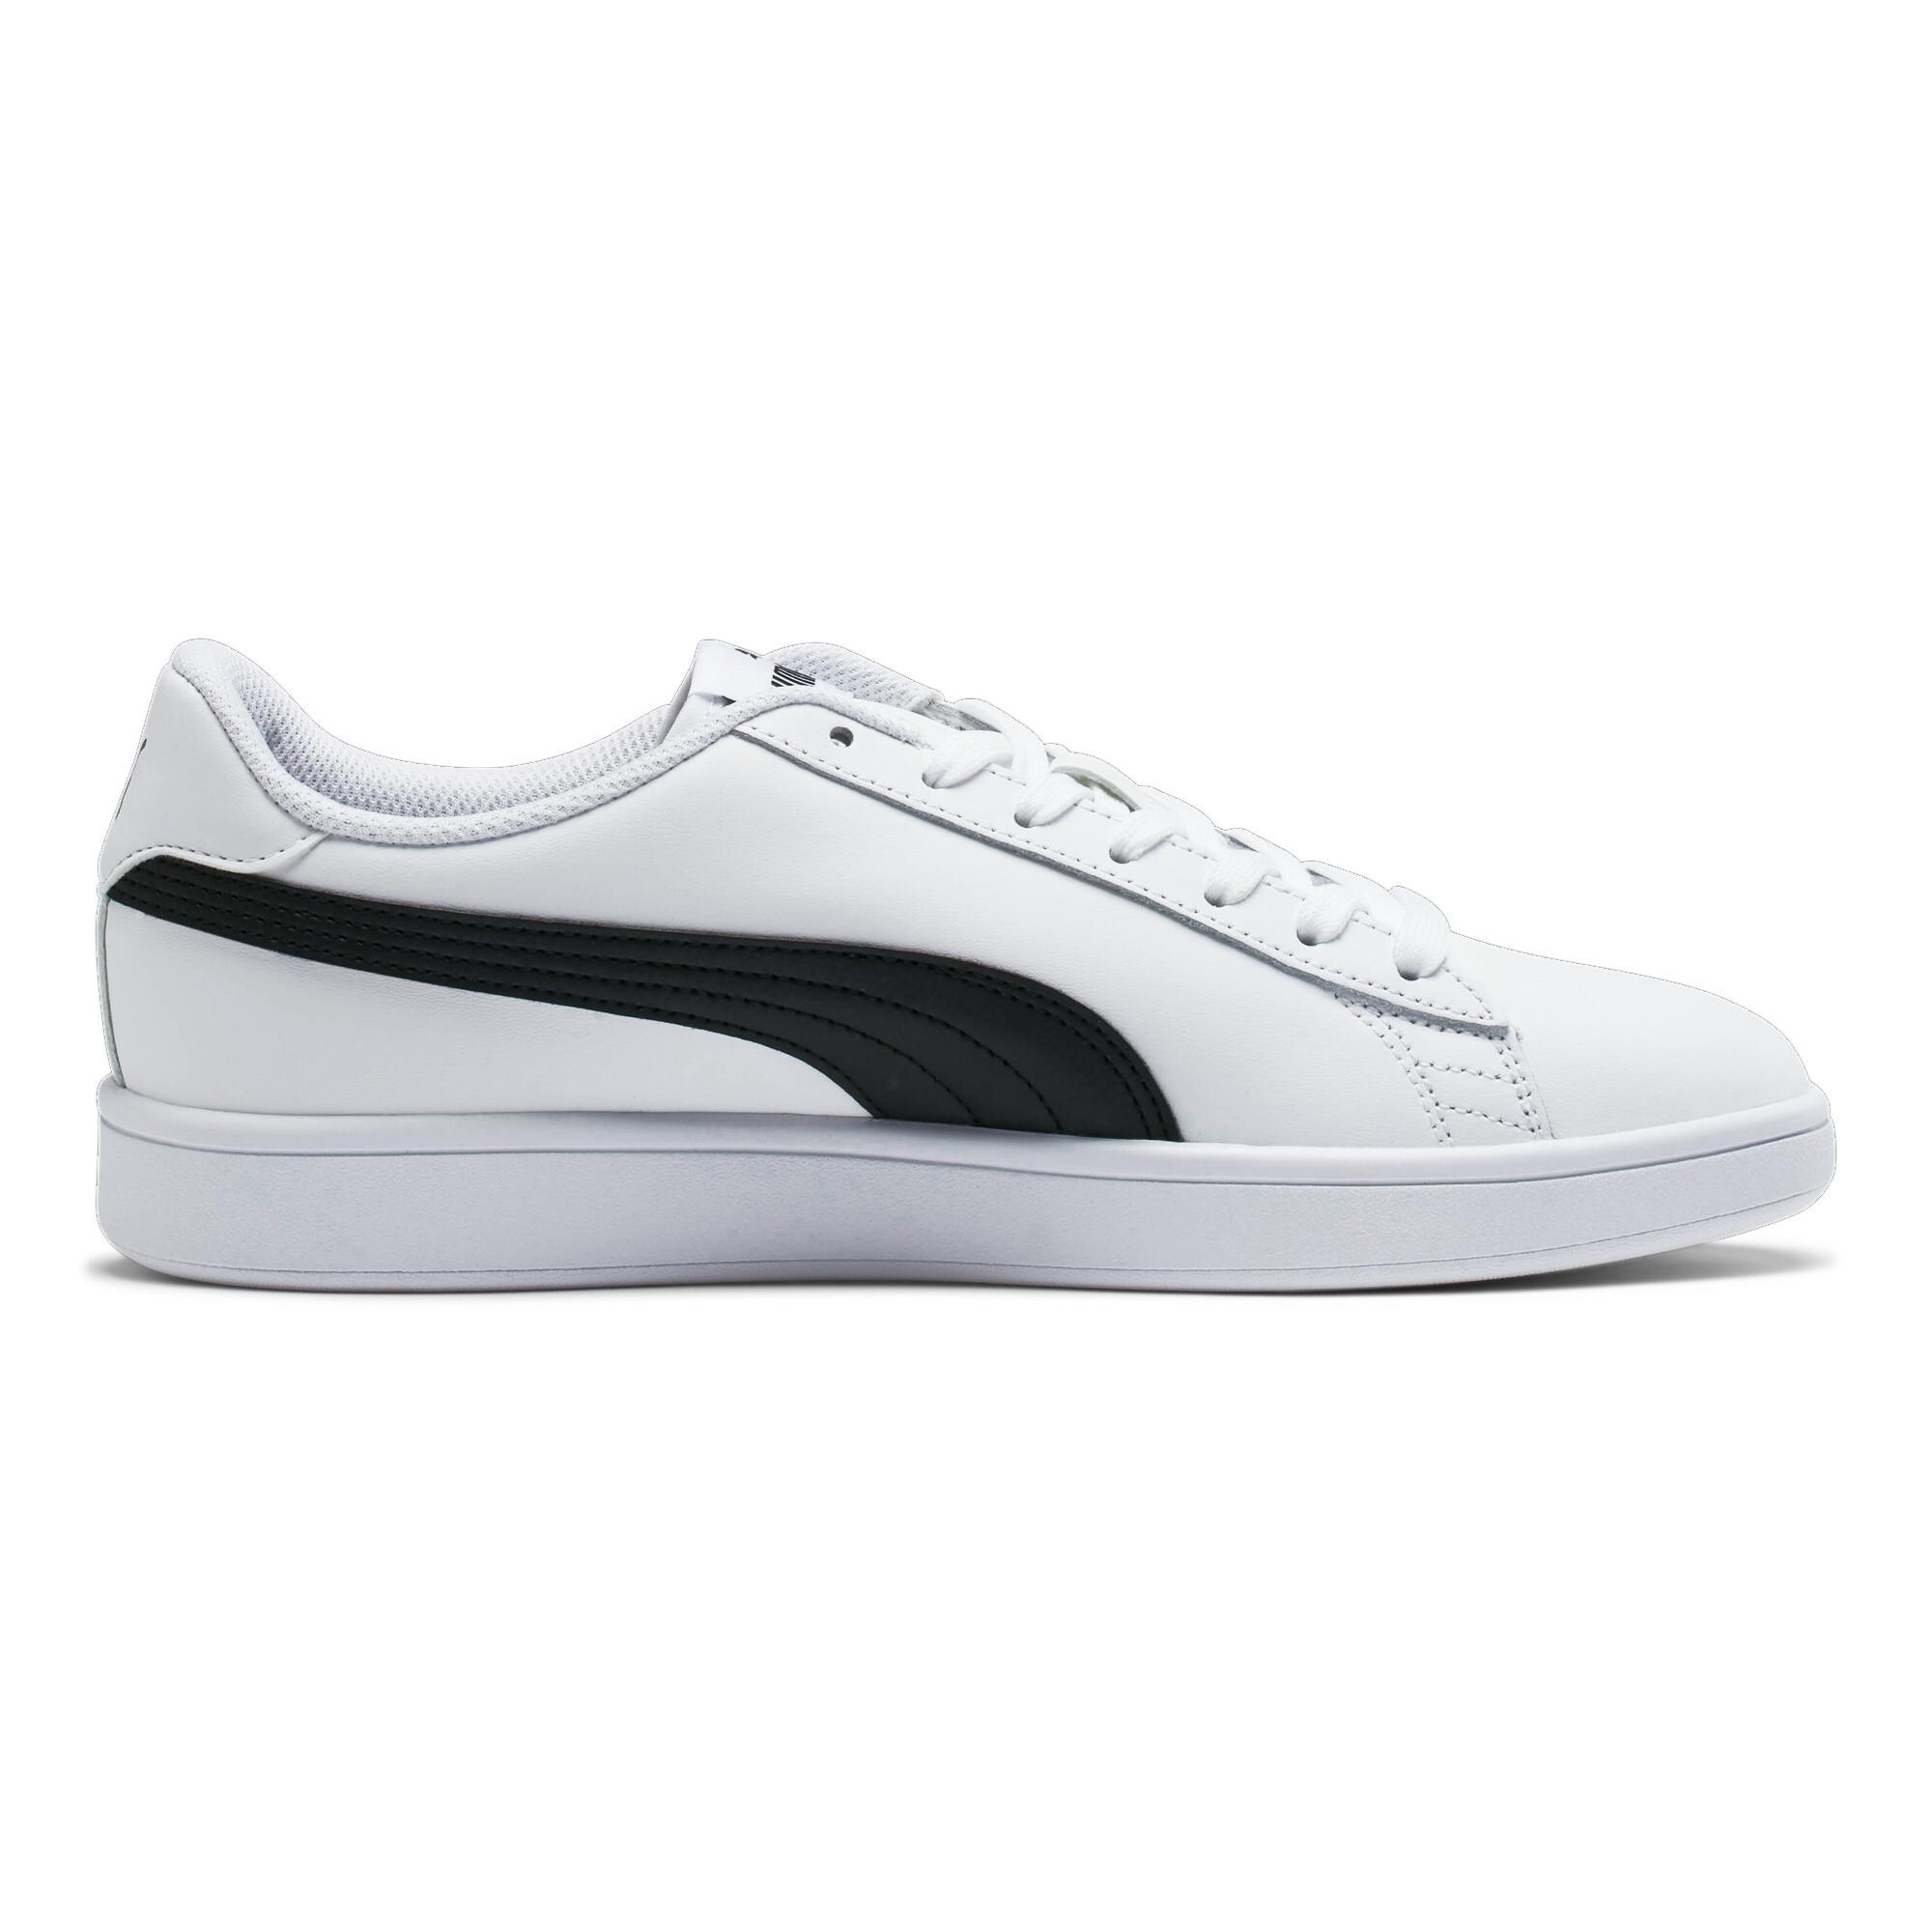 PUMA-PUMA-Smash-v2-Men-039-s-Sneakers-Men-Shoe-Basics thumbnail 23